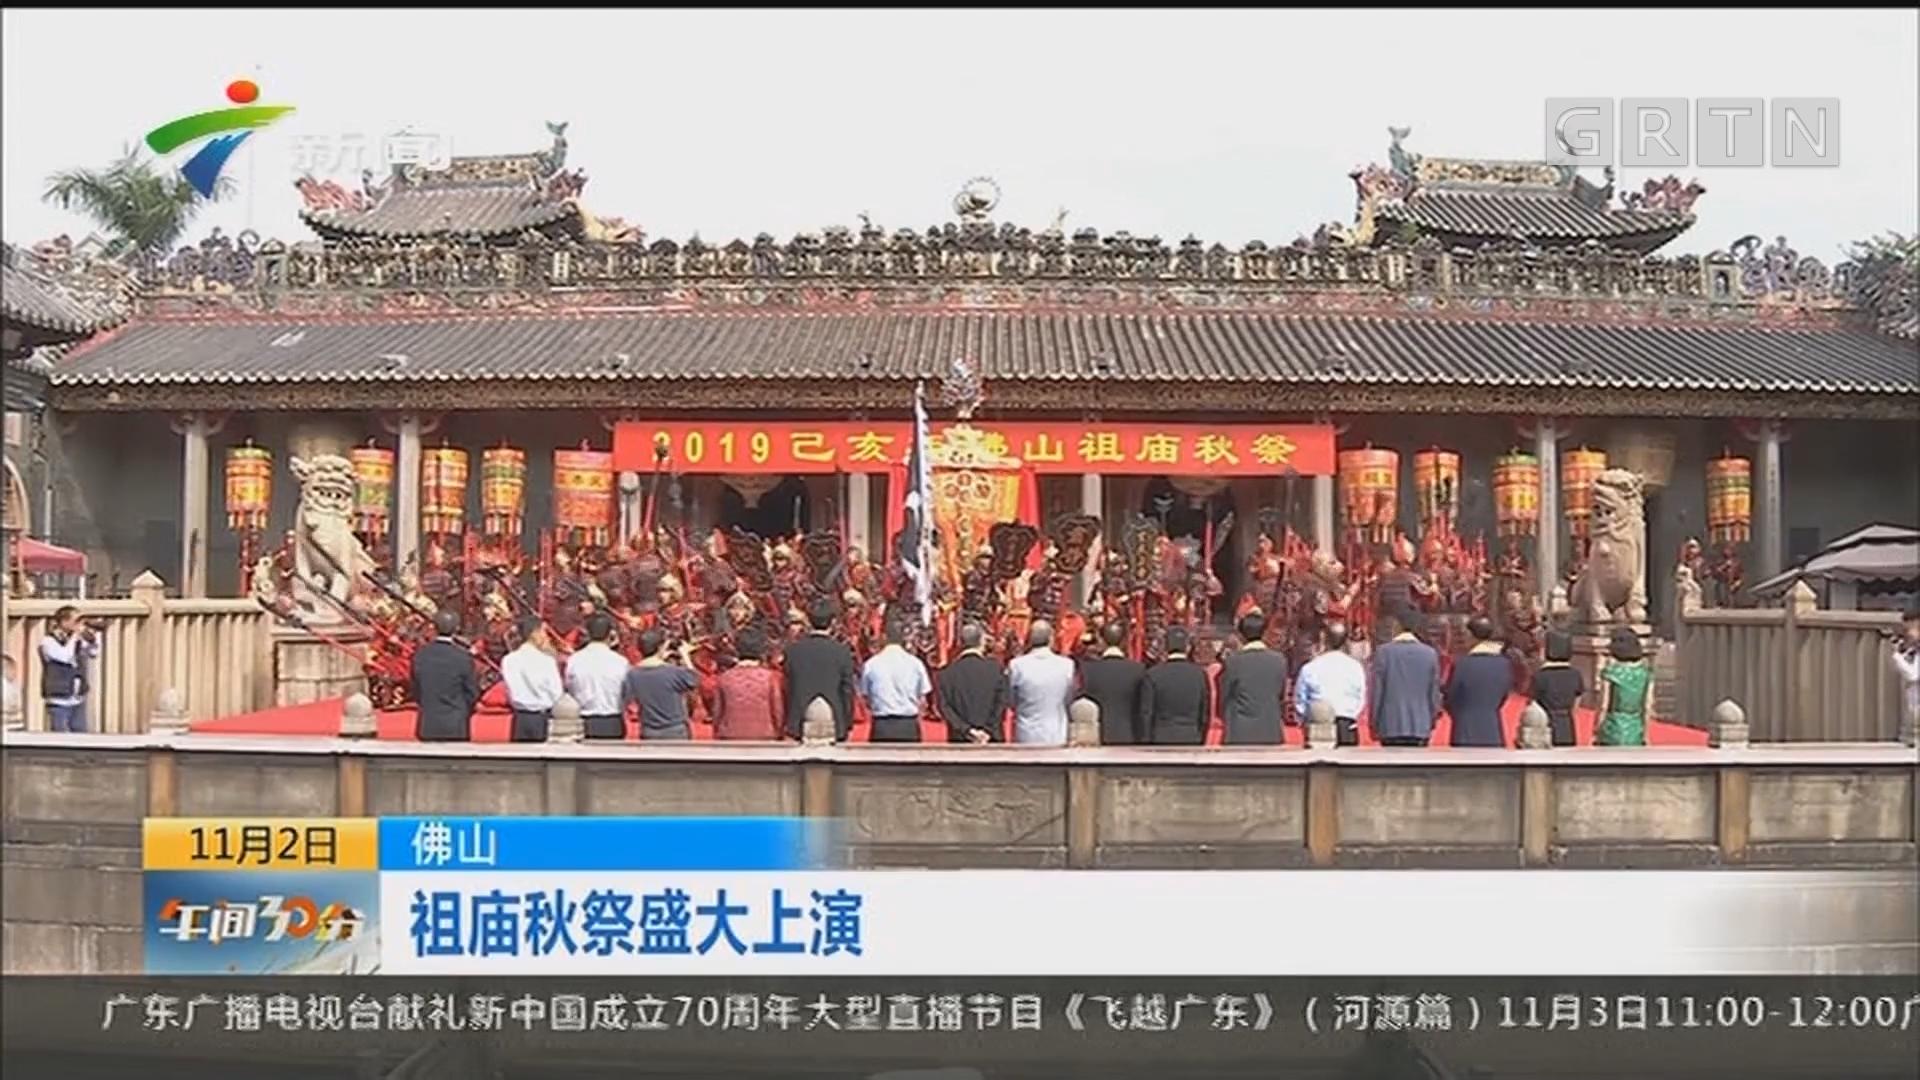 佛山:祖庙秋祭盛大上演